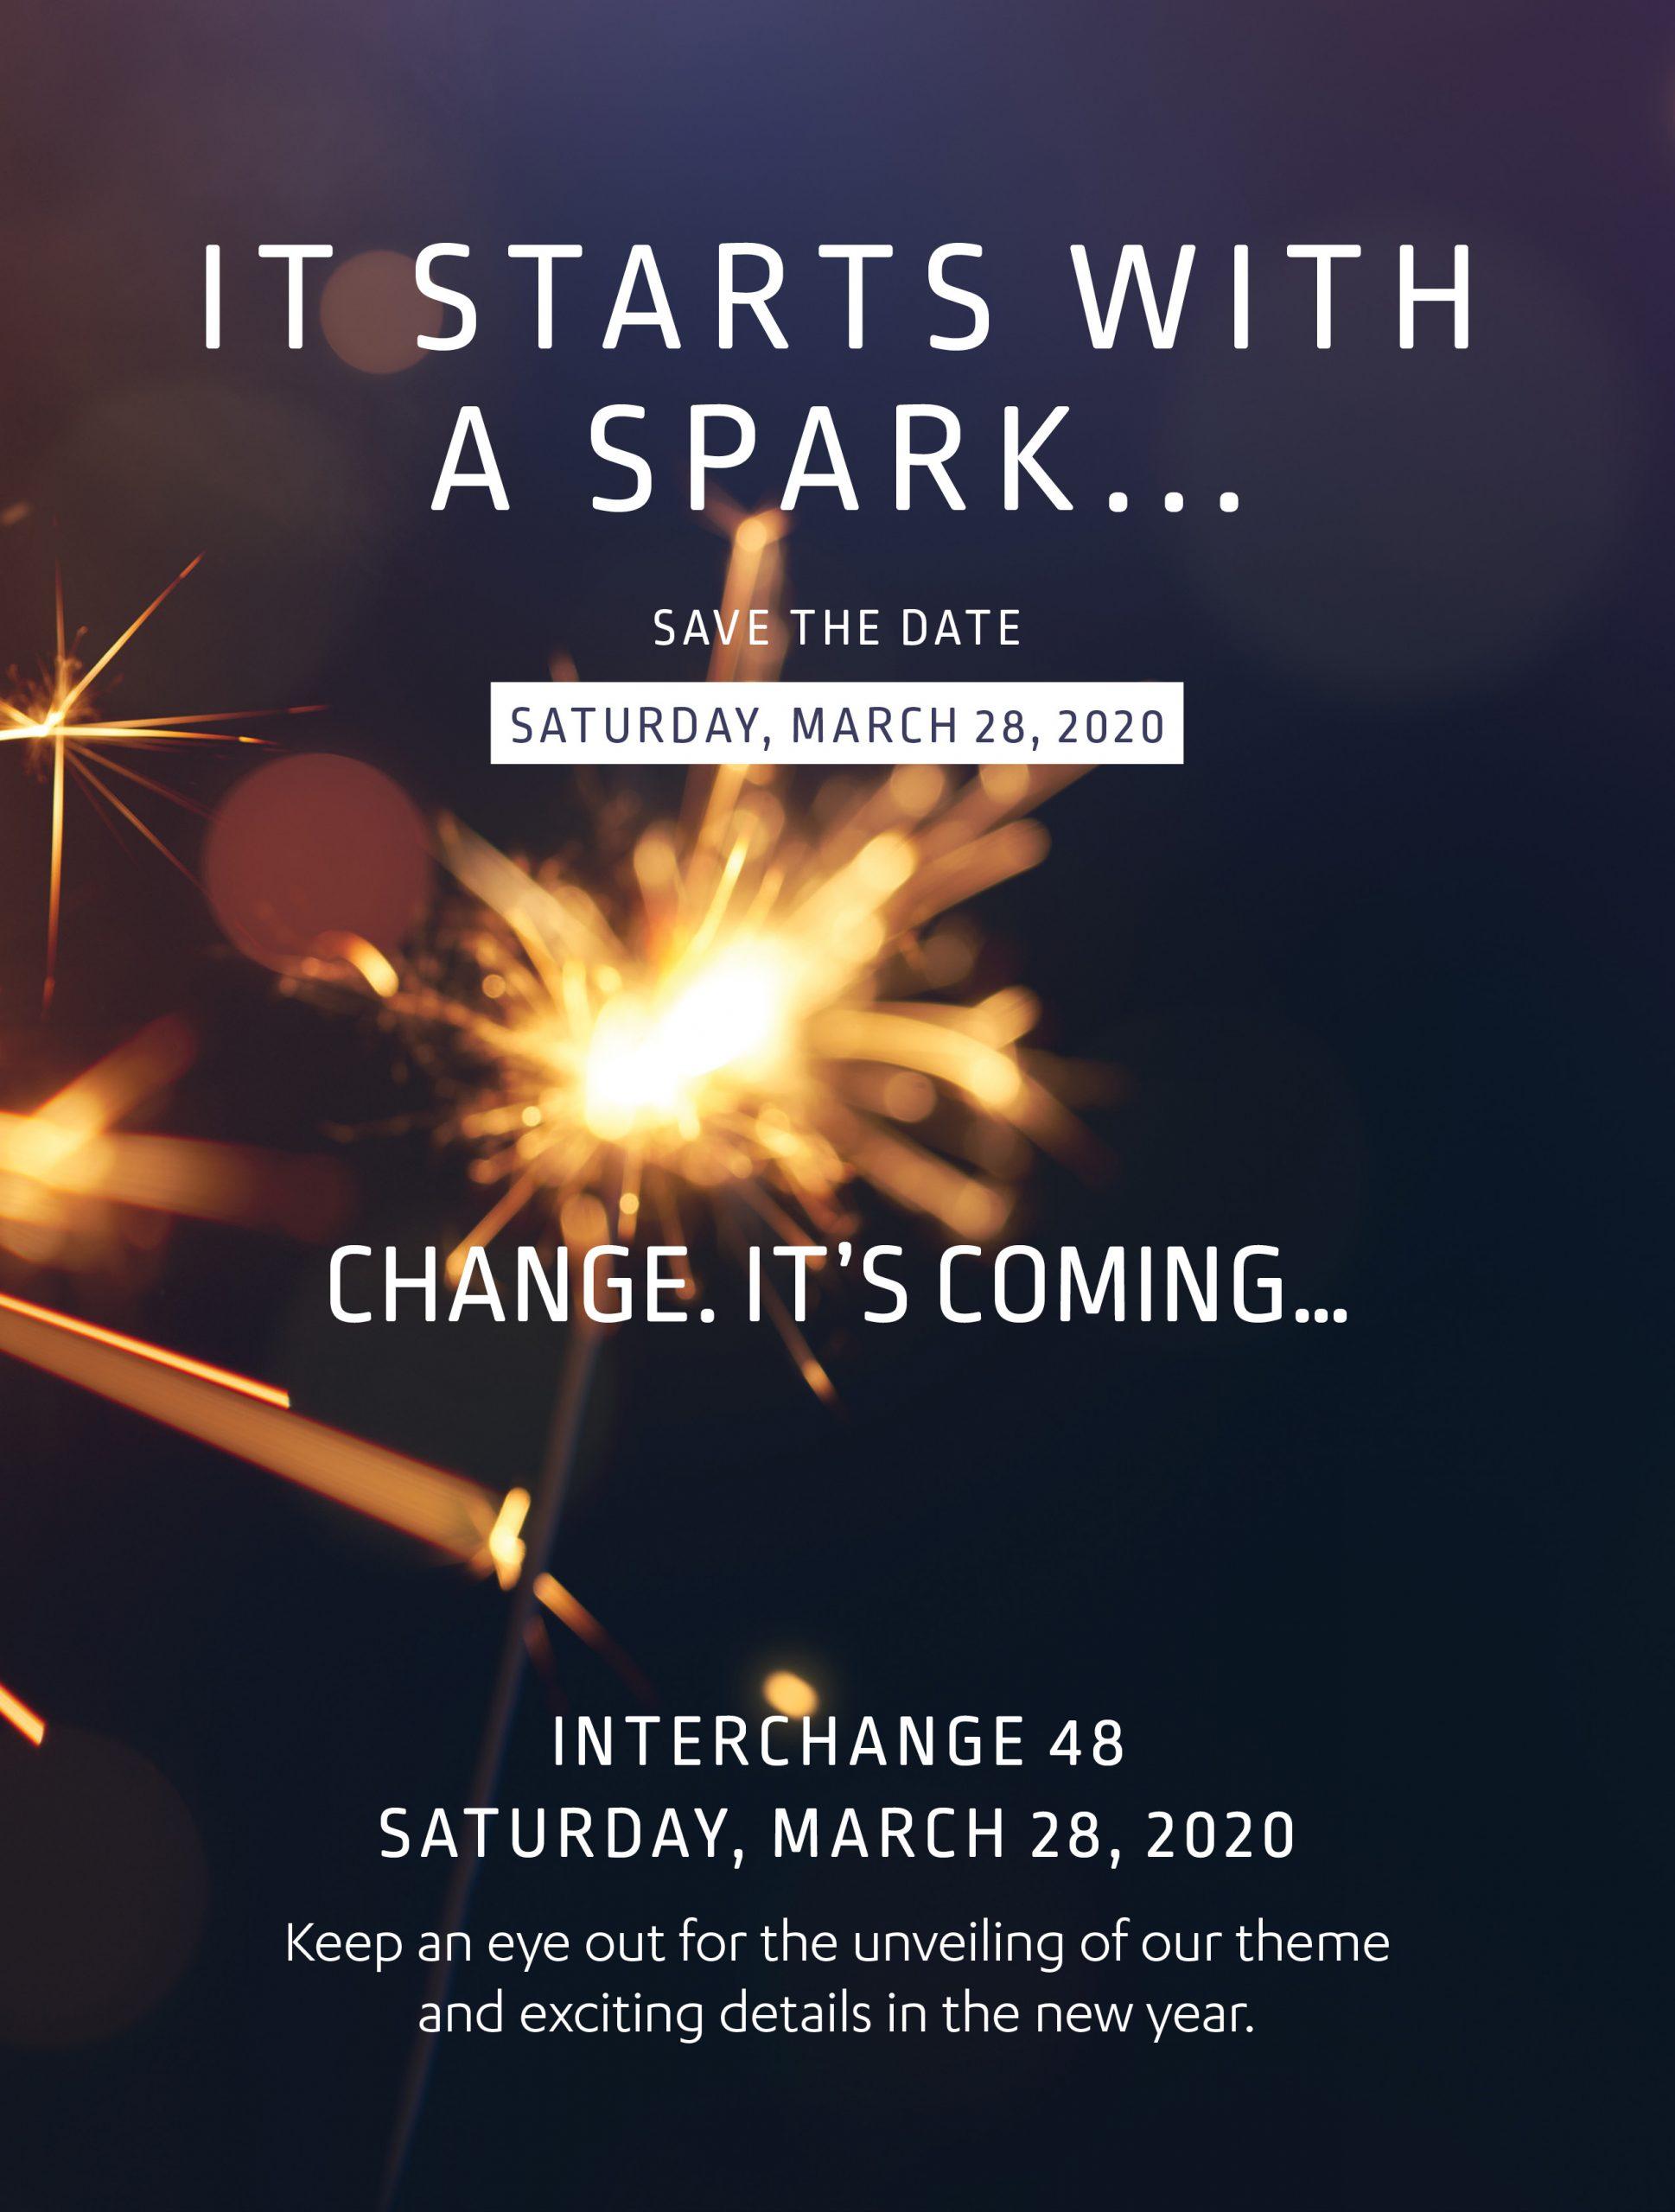 Interchange 48 - March 28, 2020